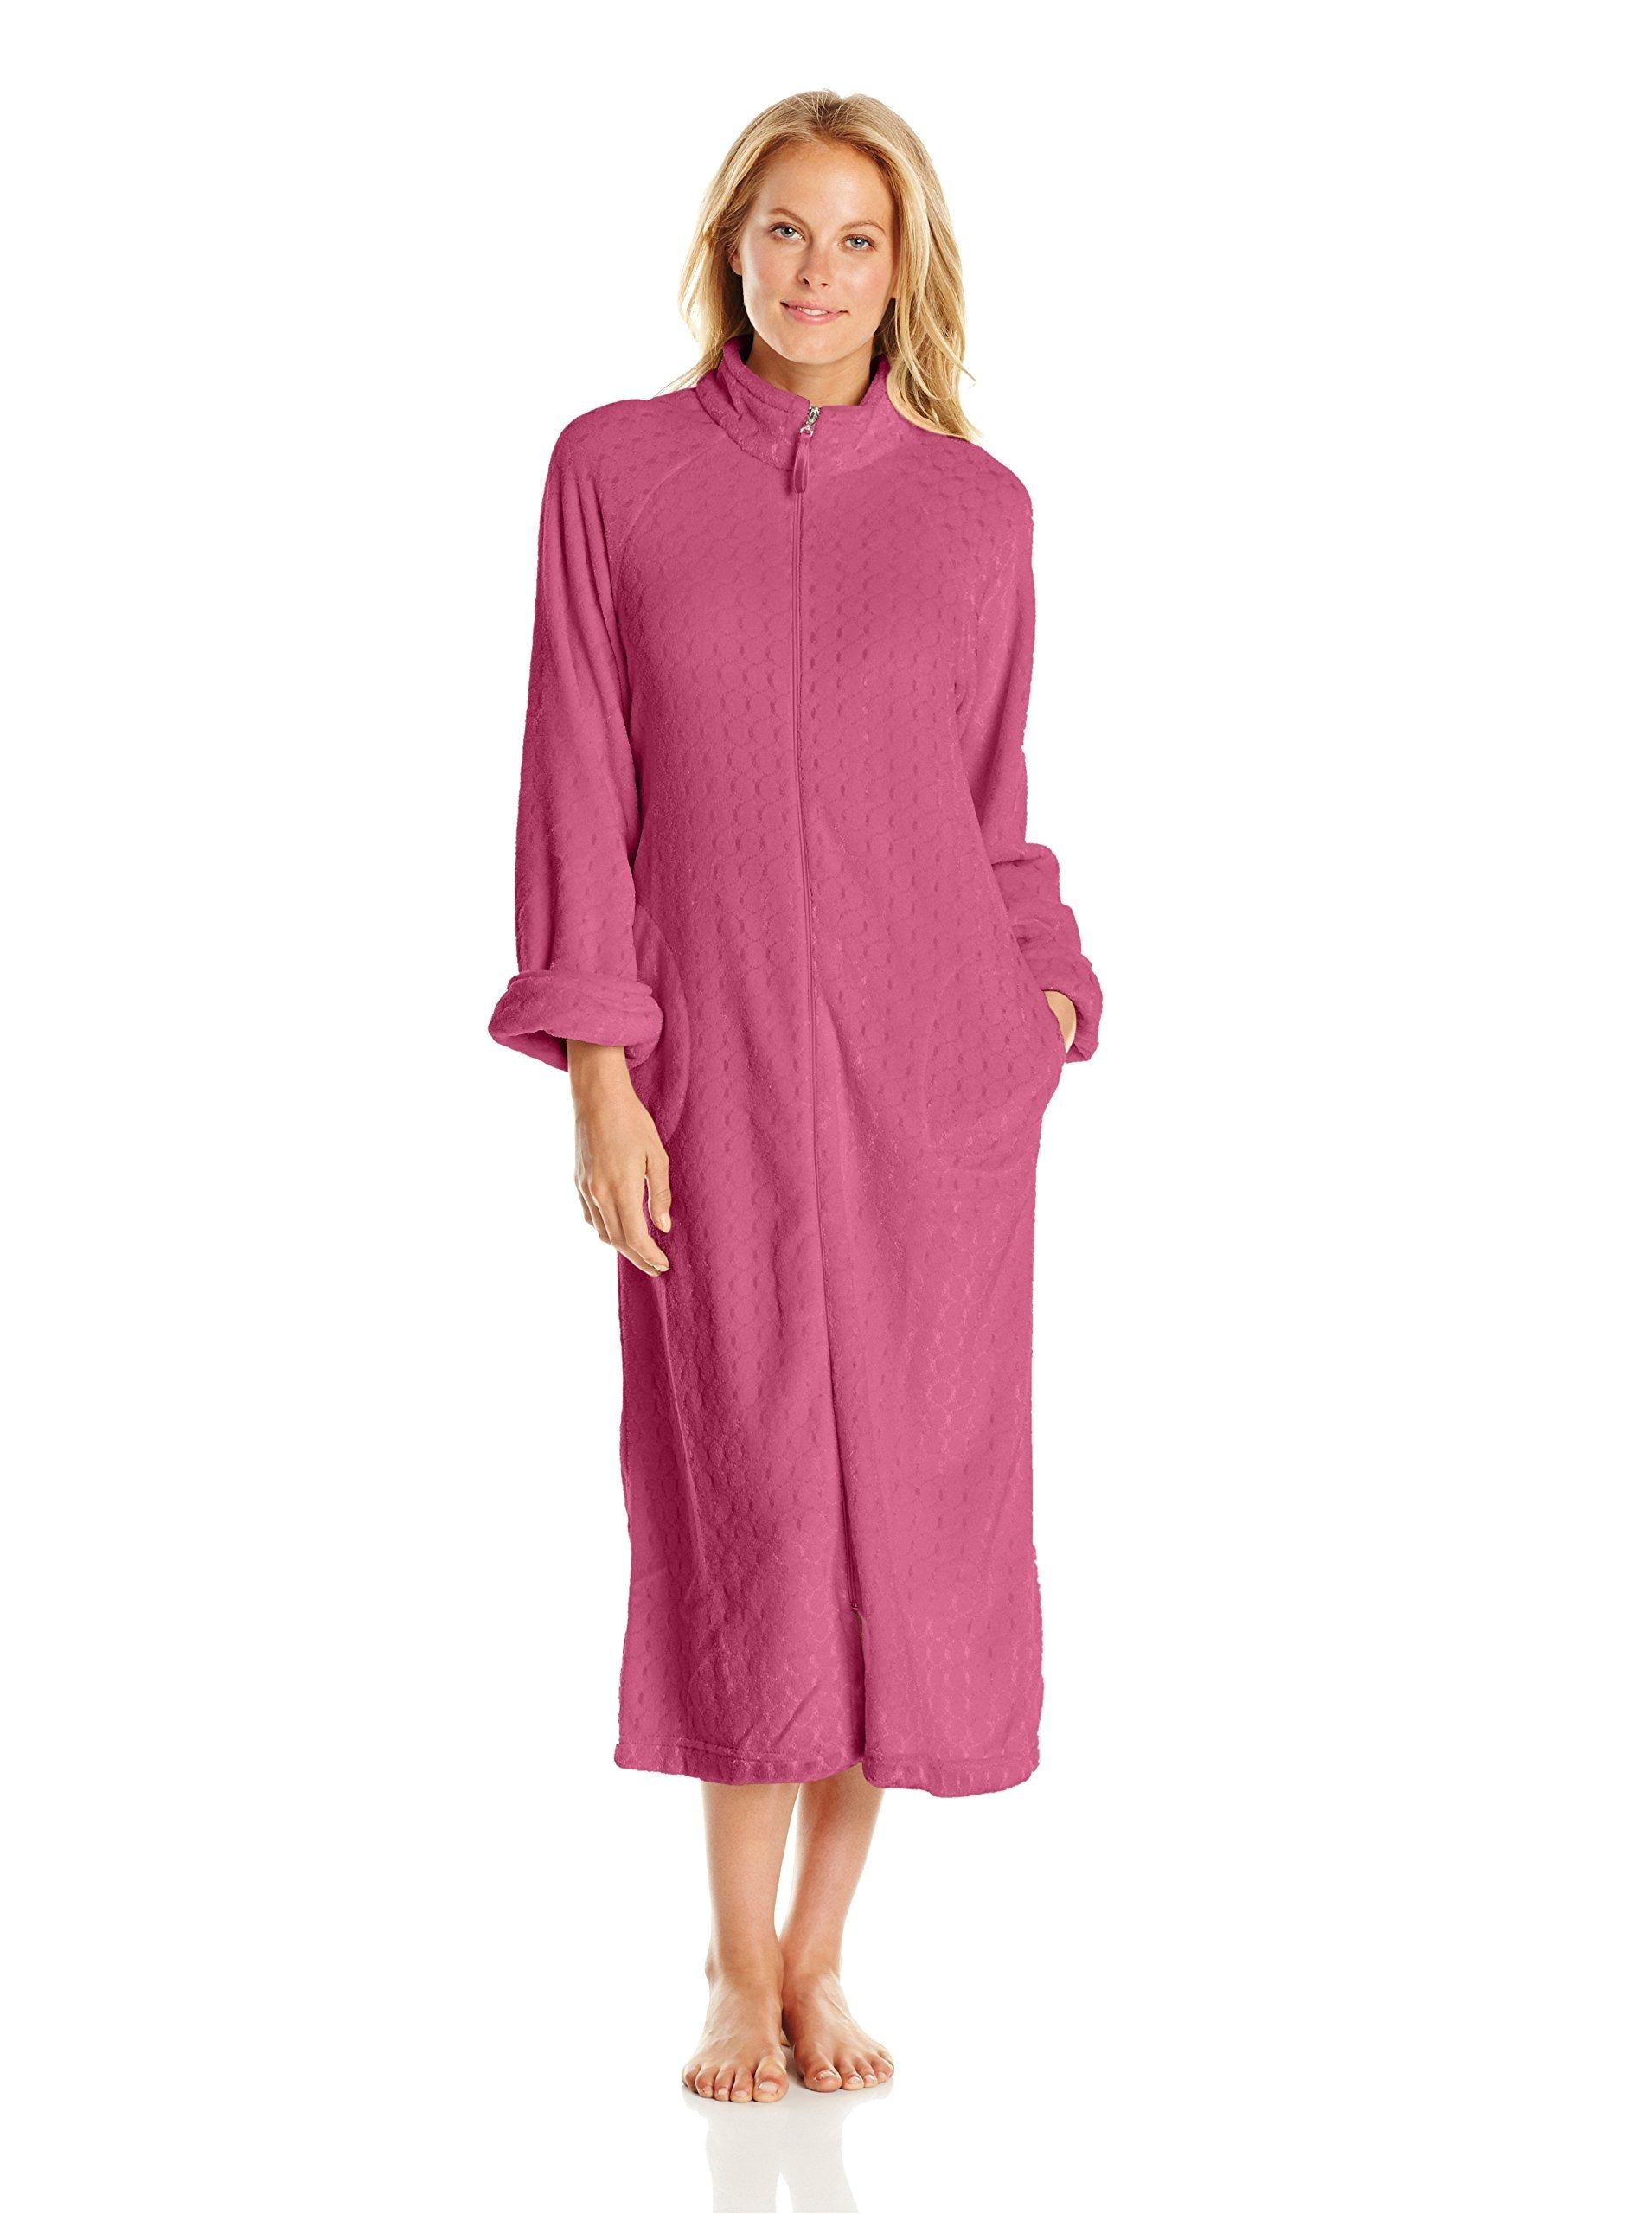 Womens Floor Length Robes Casual Moments Women S Textured Fleece Zip Up Robe Amazon Com